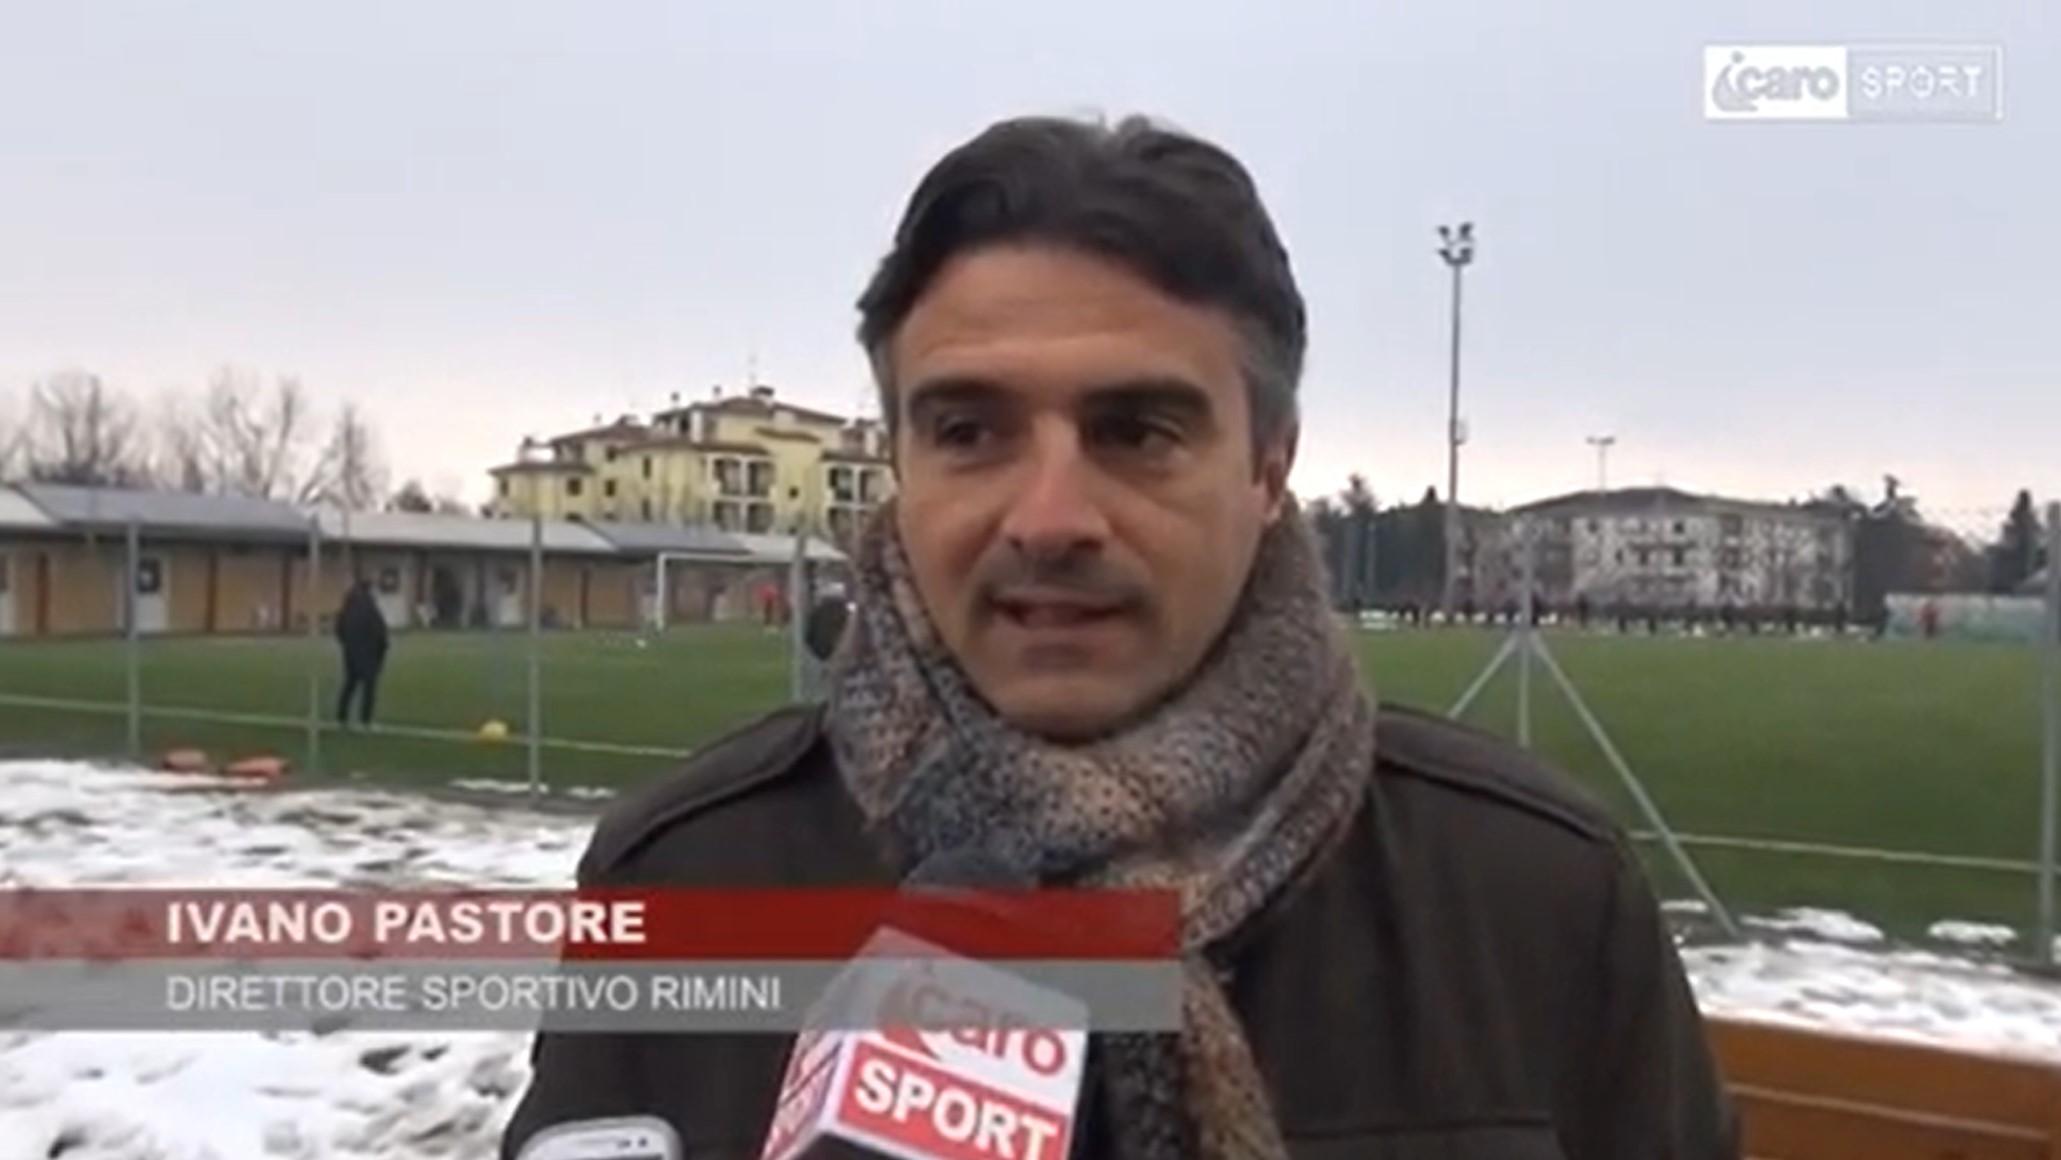 Ivano Pastore (immagine tratta dalla videointervista per Icaro Sport presente su Dailymotion.com)